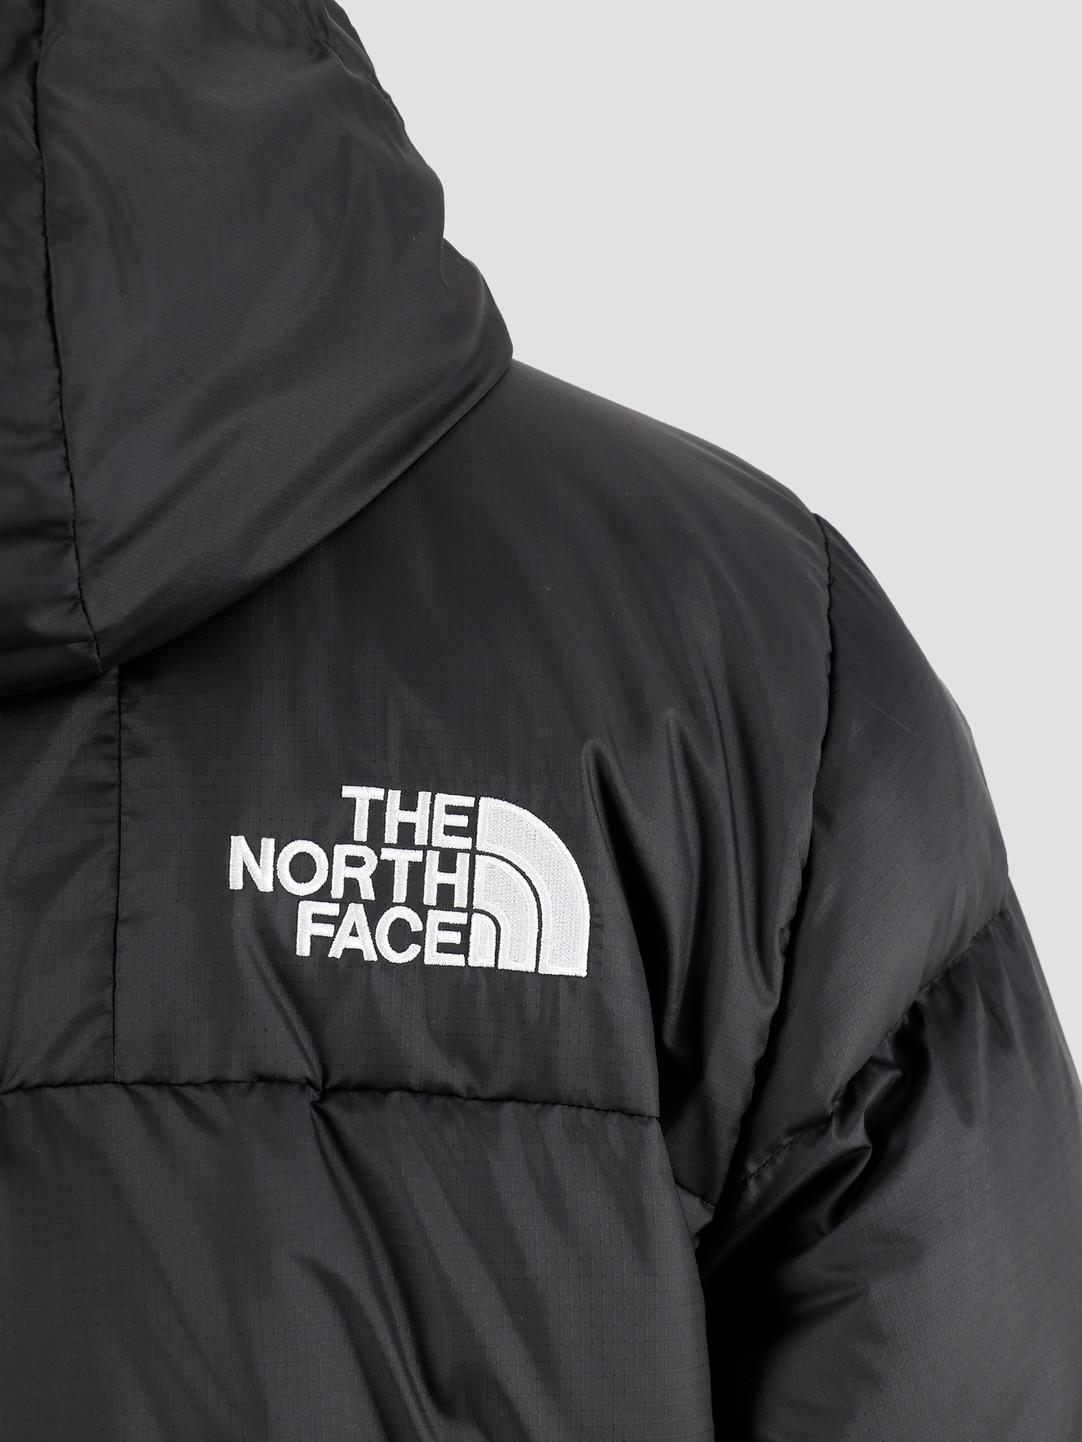 sklep w Wielkiej Brytanii 2018 buty nowe style The North Face Deptford Down Jacket Black T93MJLJK3